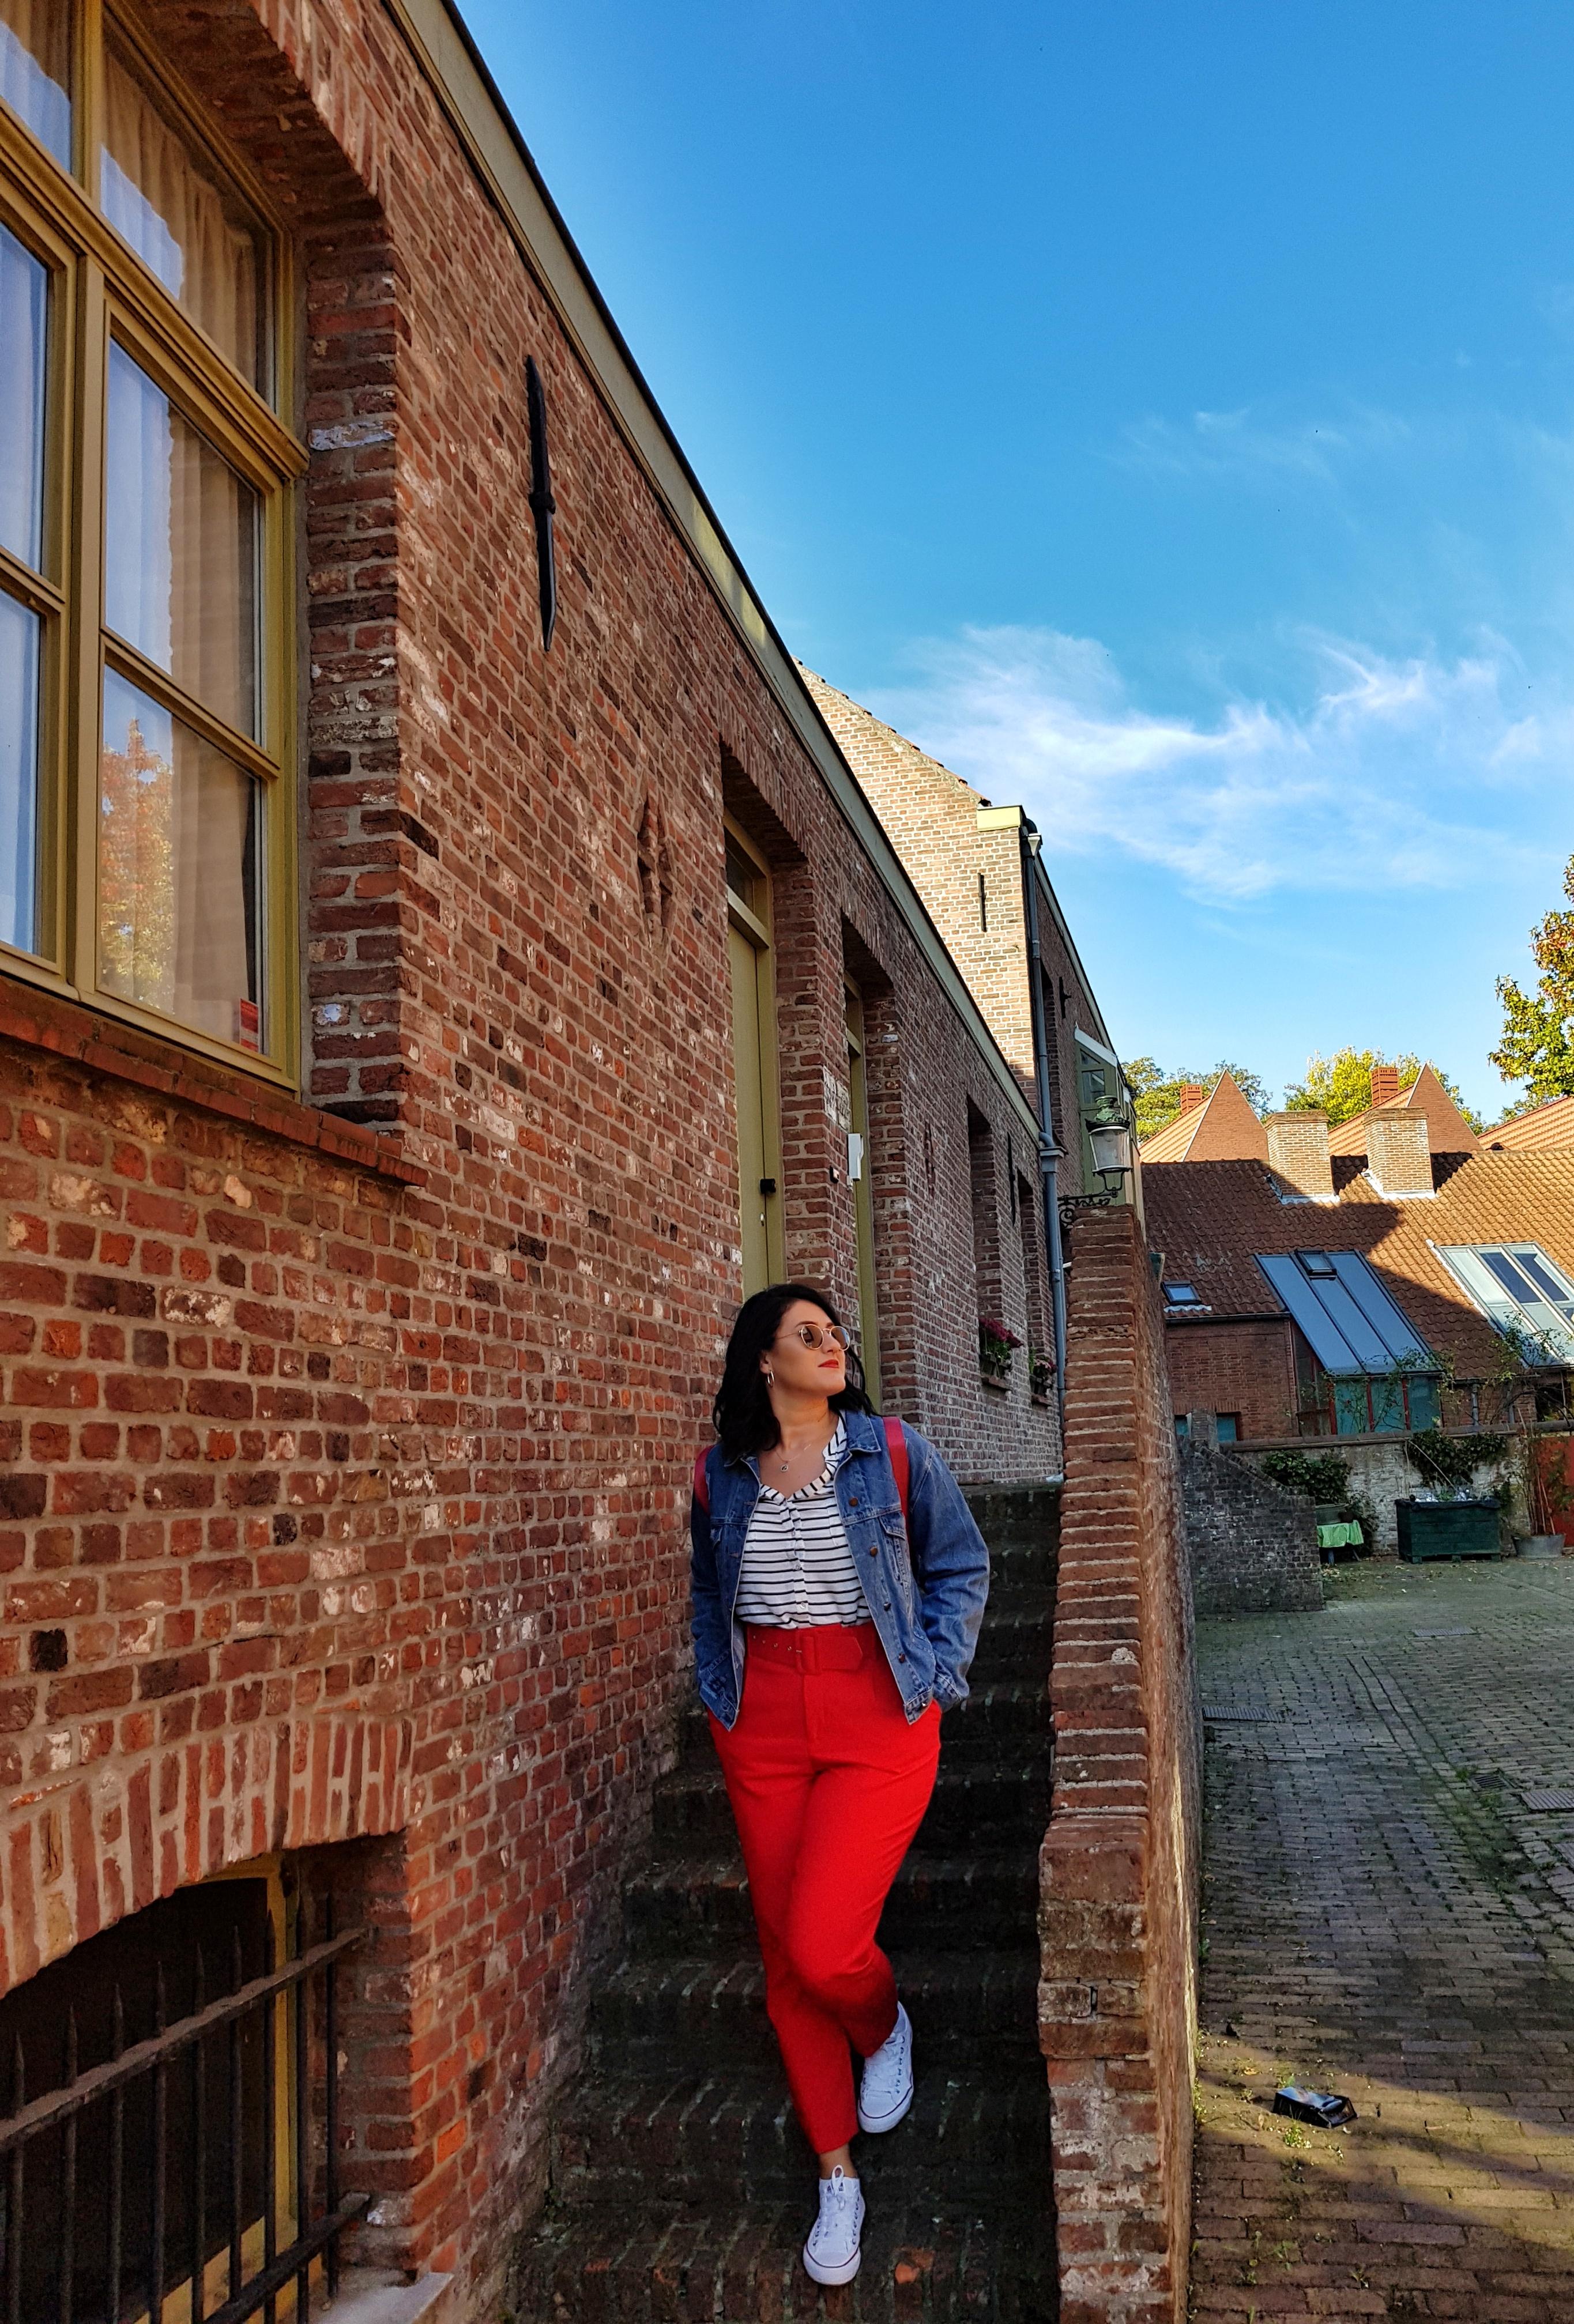 Brugge_Bruges_Belgium_Medievalarchitecture